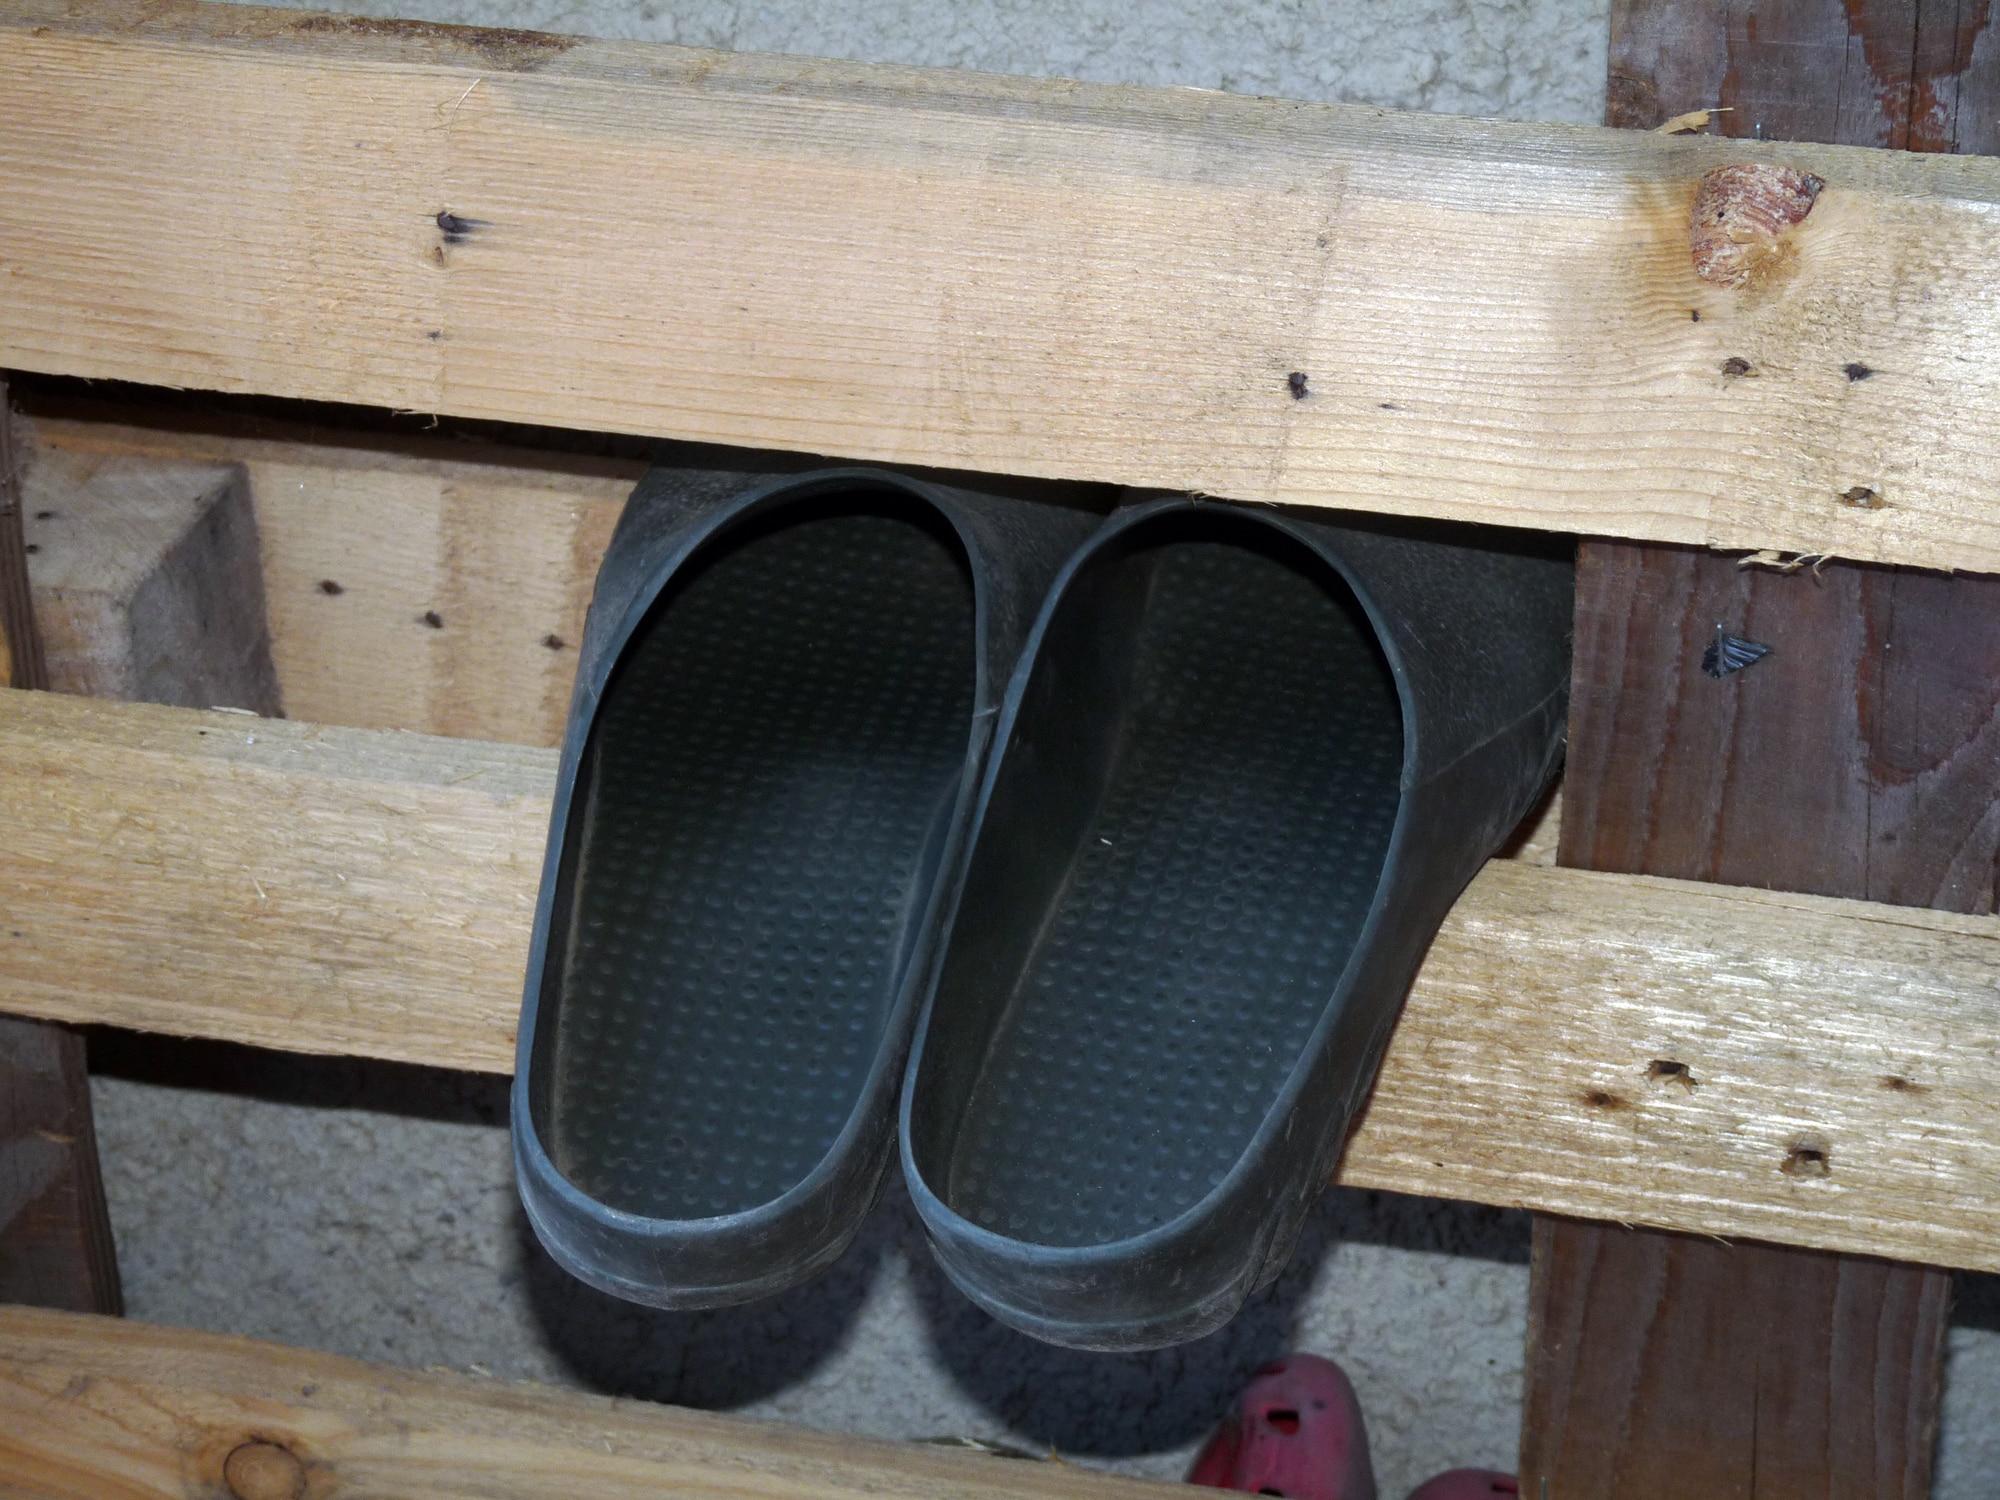 Idée récup pour ranger les chaussures de jardin